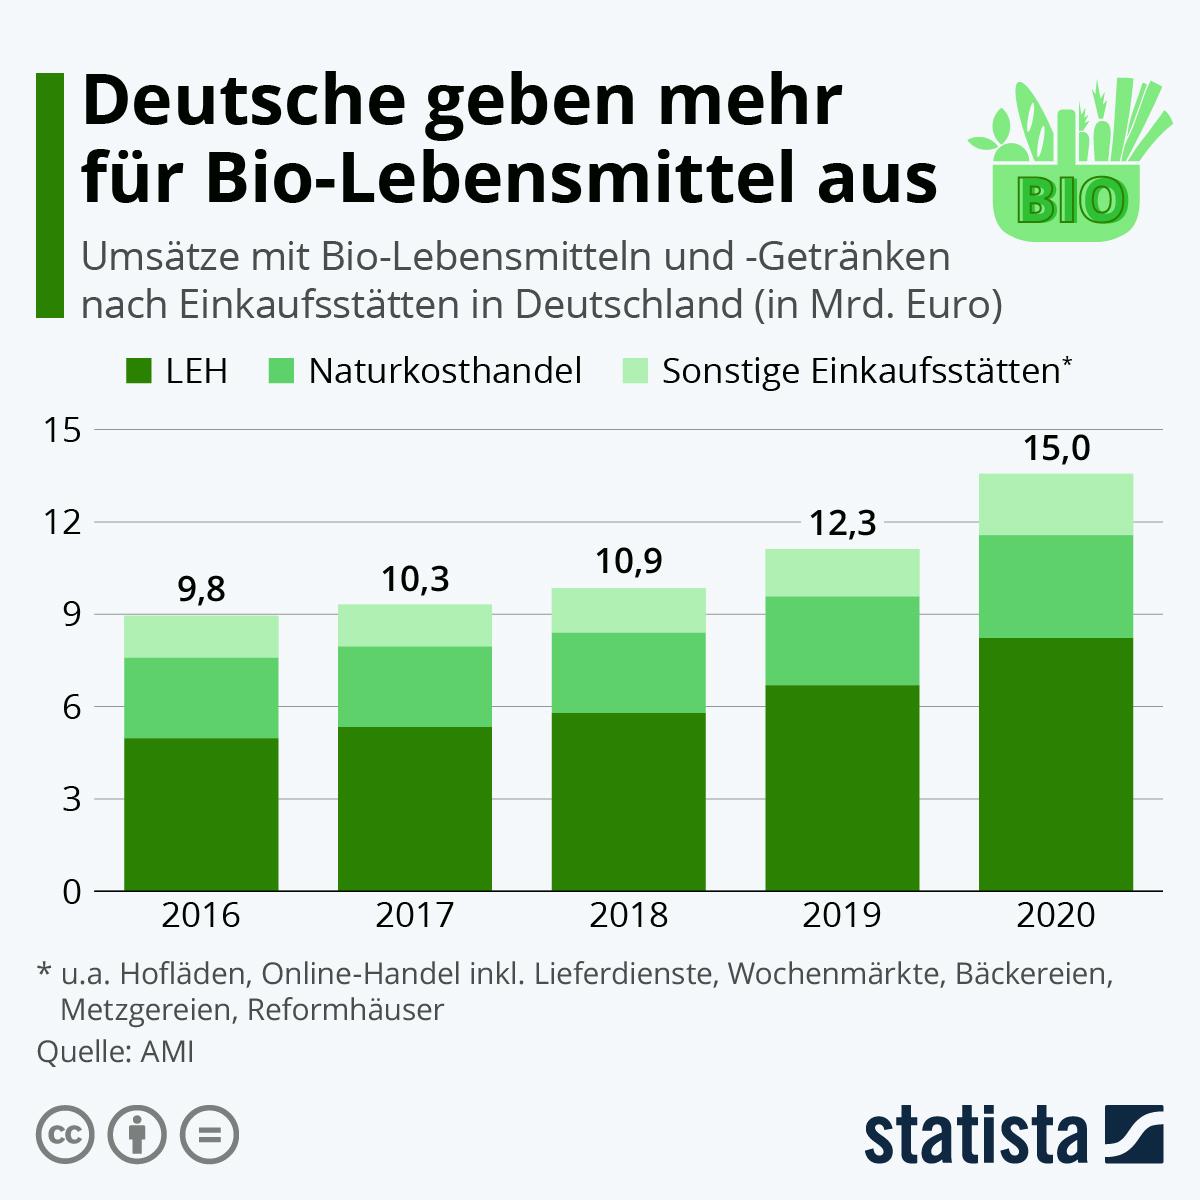 Deutsche geben mehr für Bio-Gemüse aus